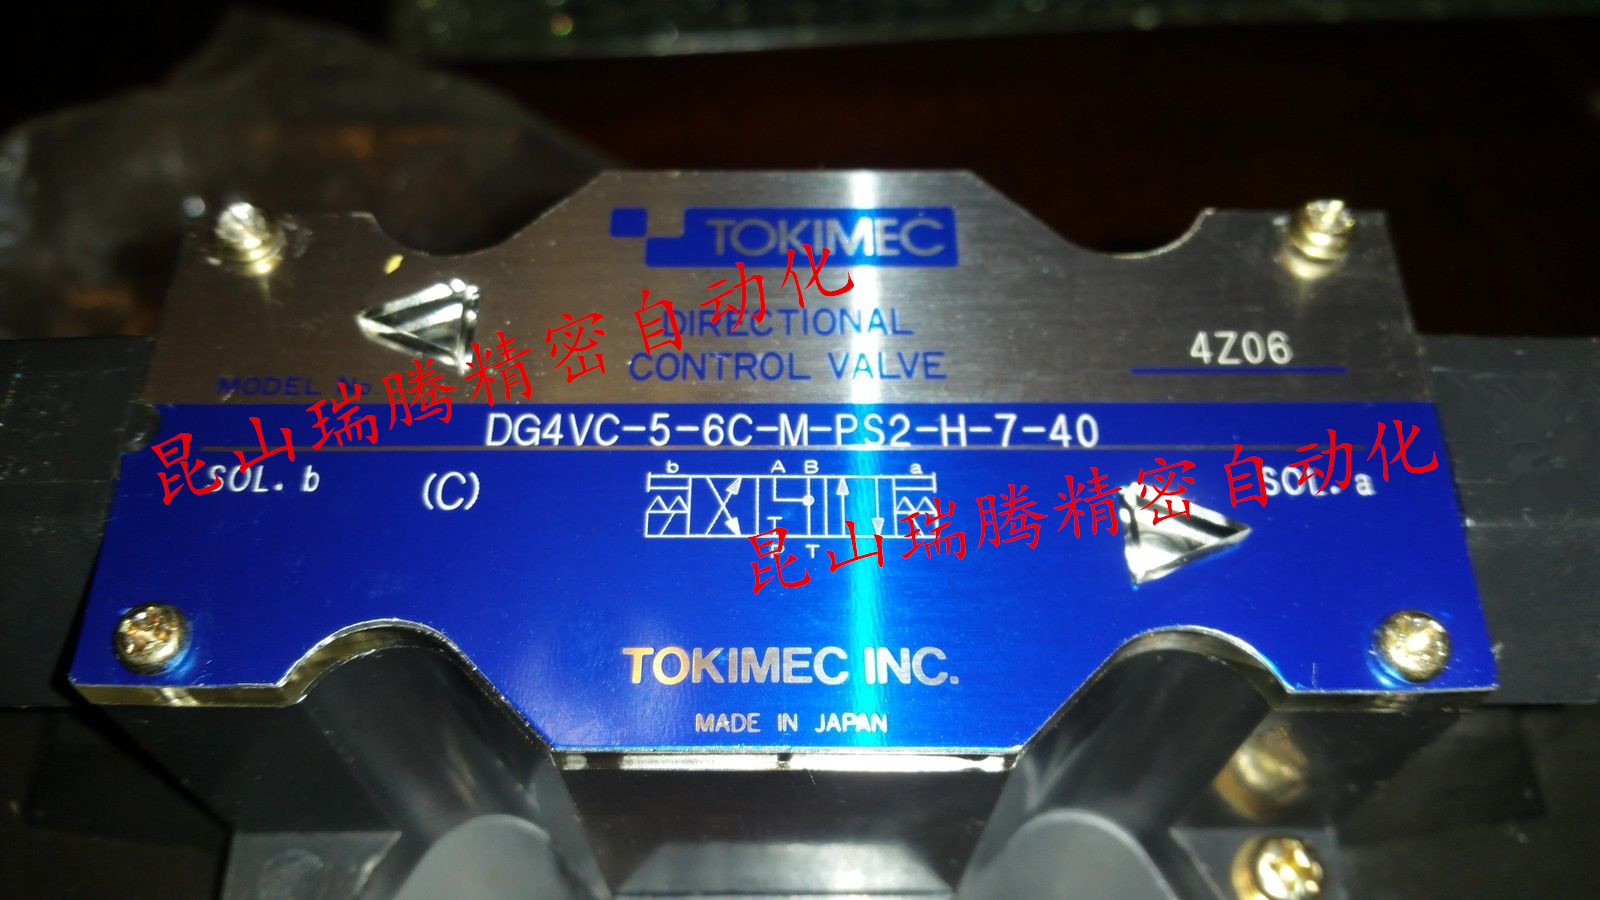 供应DG4VC-5-6C-M-PS2-H-7-40 TOKIMEC 东京计器 TOKYO-KEIKI电磁阀